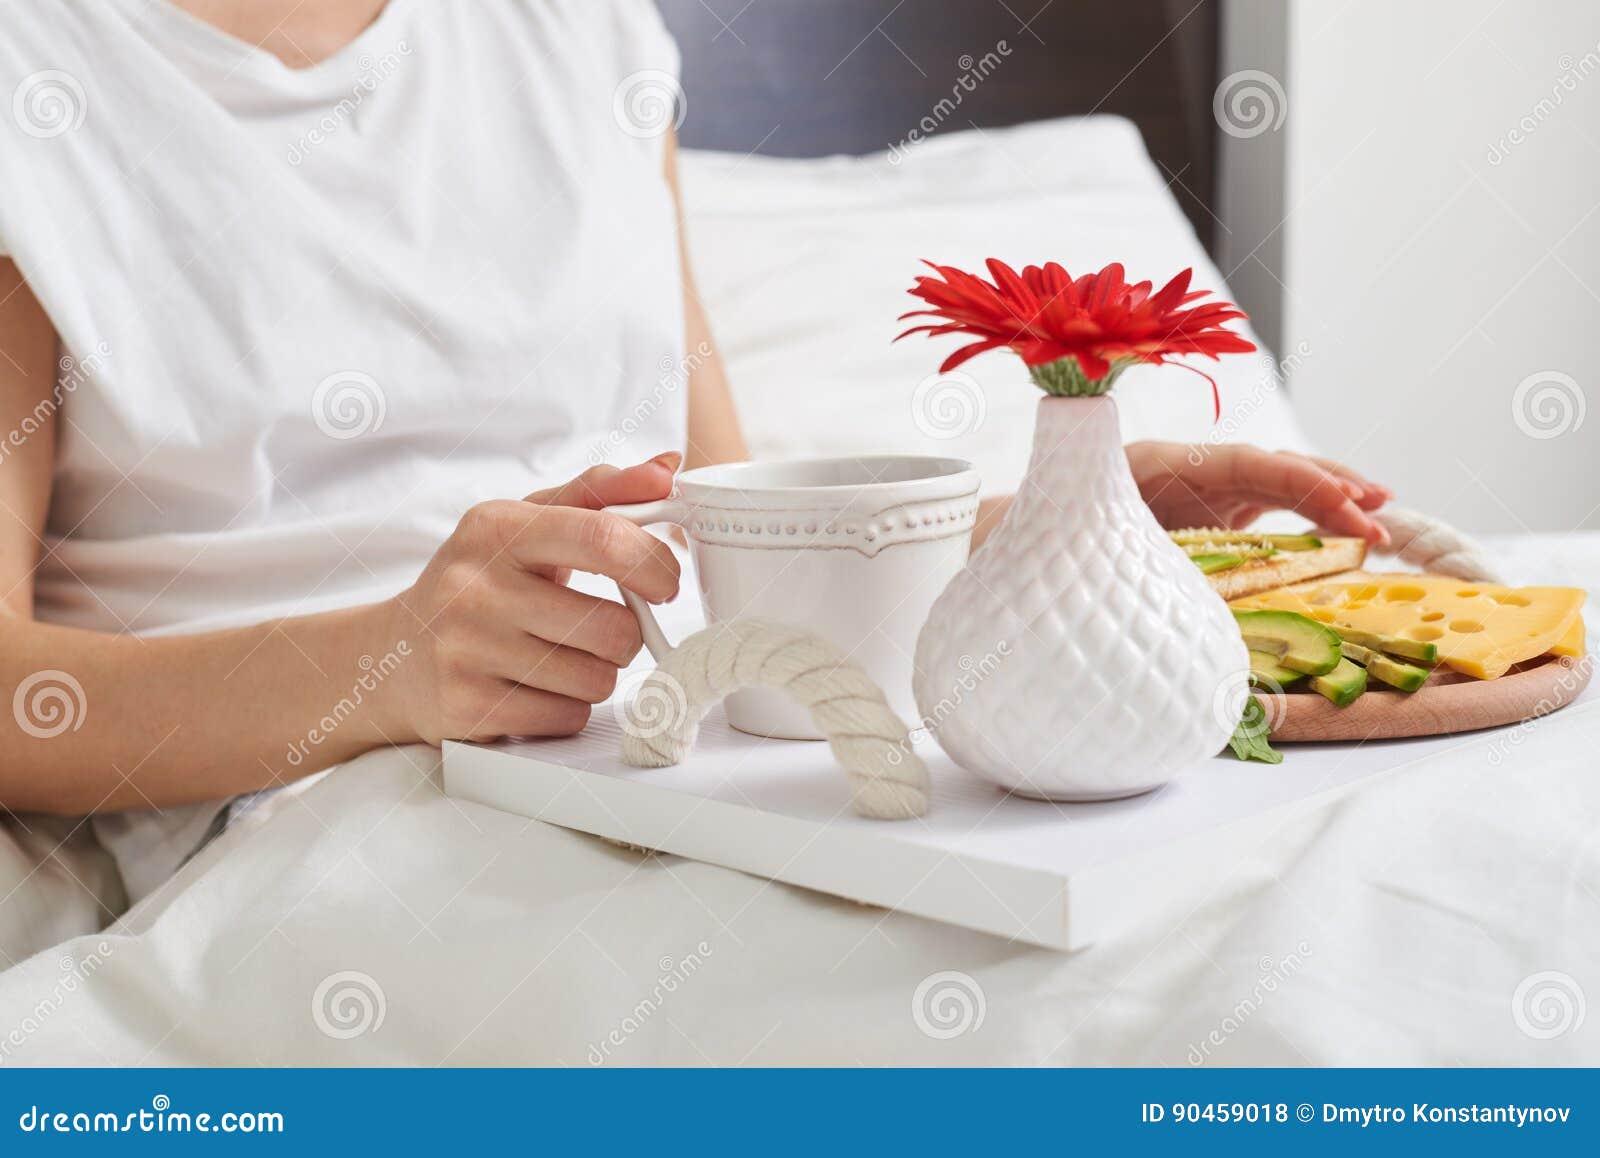 Petit déjeuner romantique sur le plateau décoré de la fleur rouge pour l amant